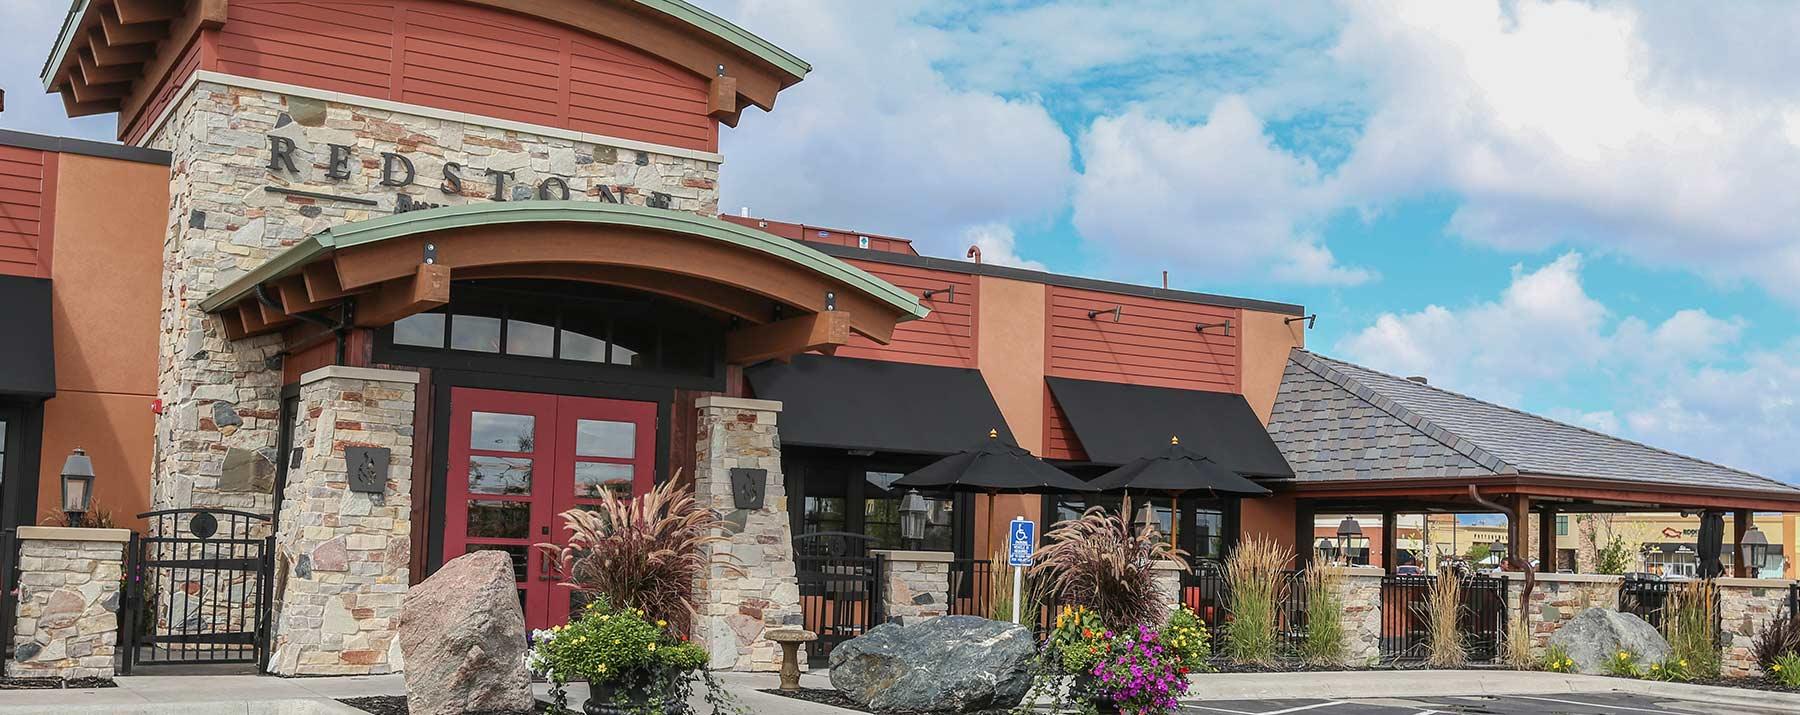 Maple Grove Mn Maple Grove Redstone Grill